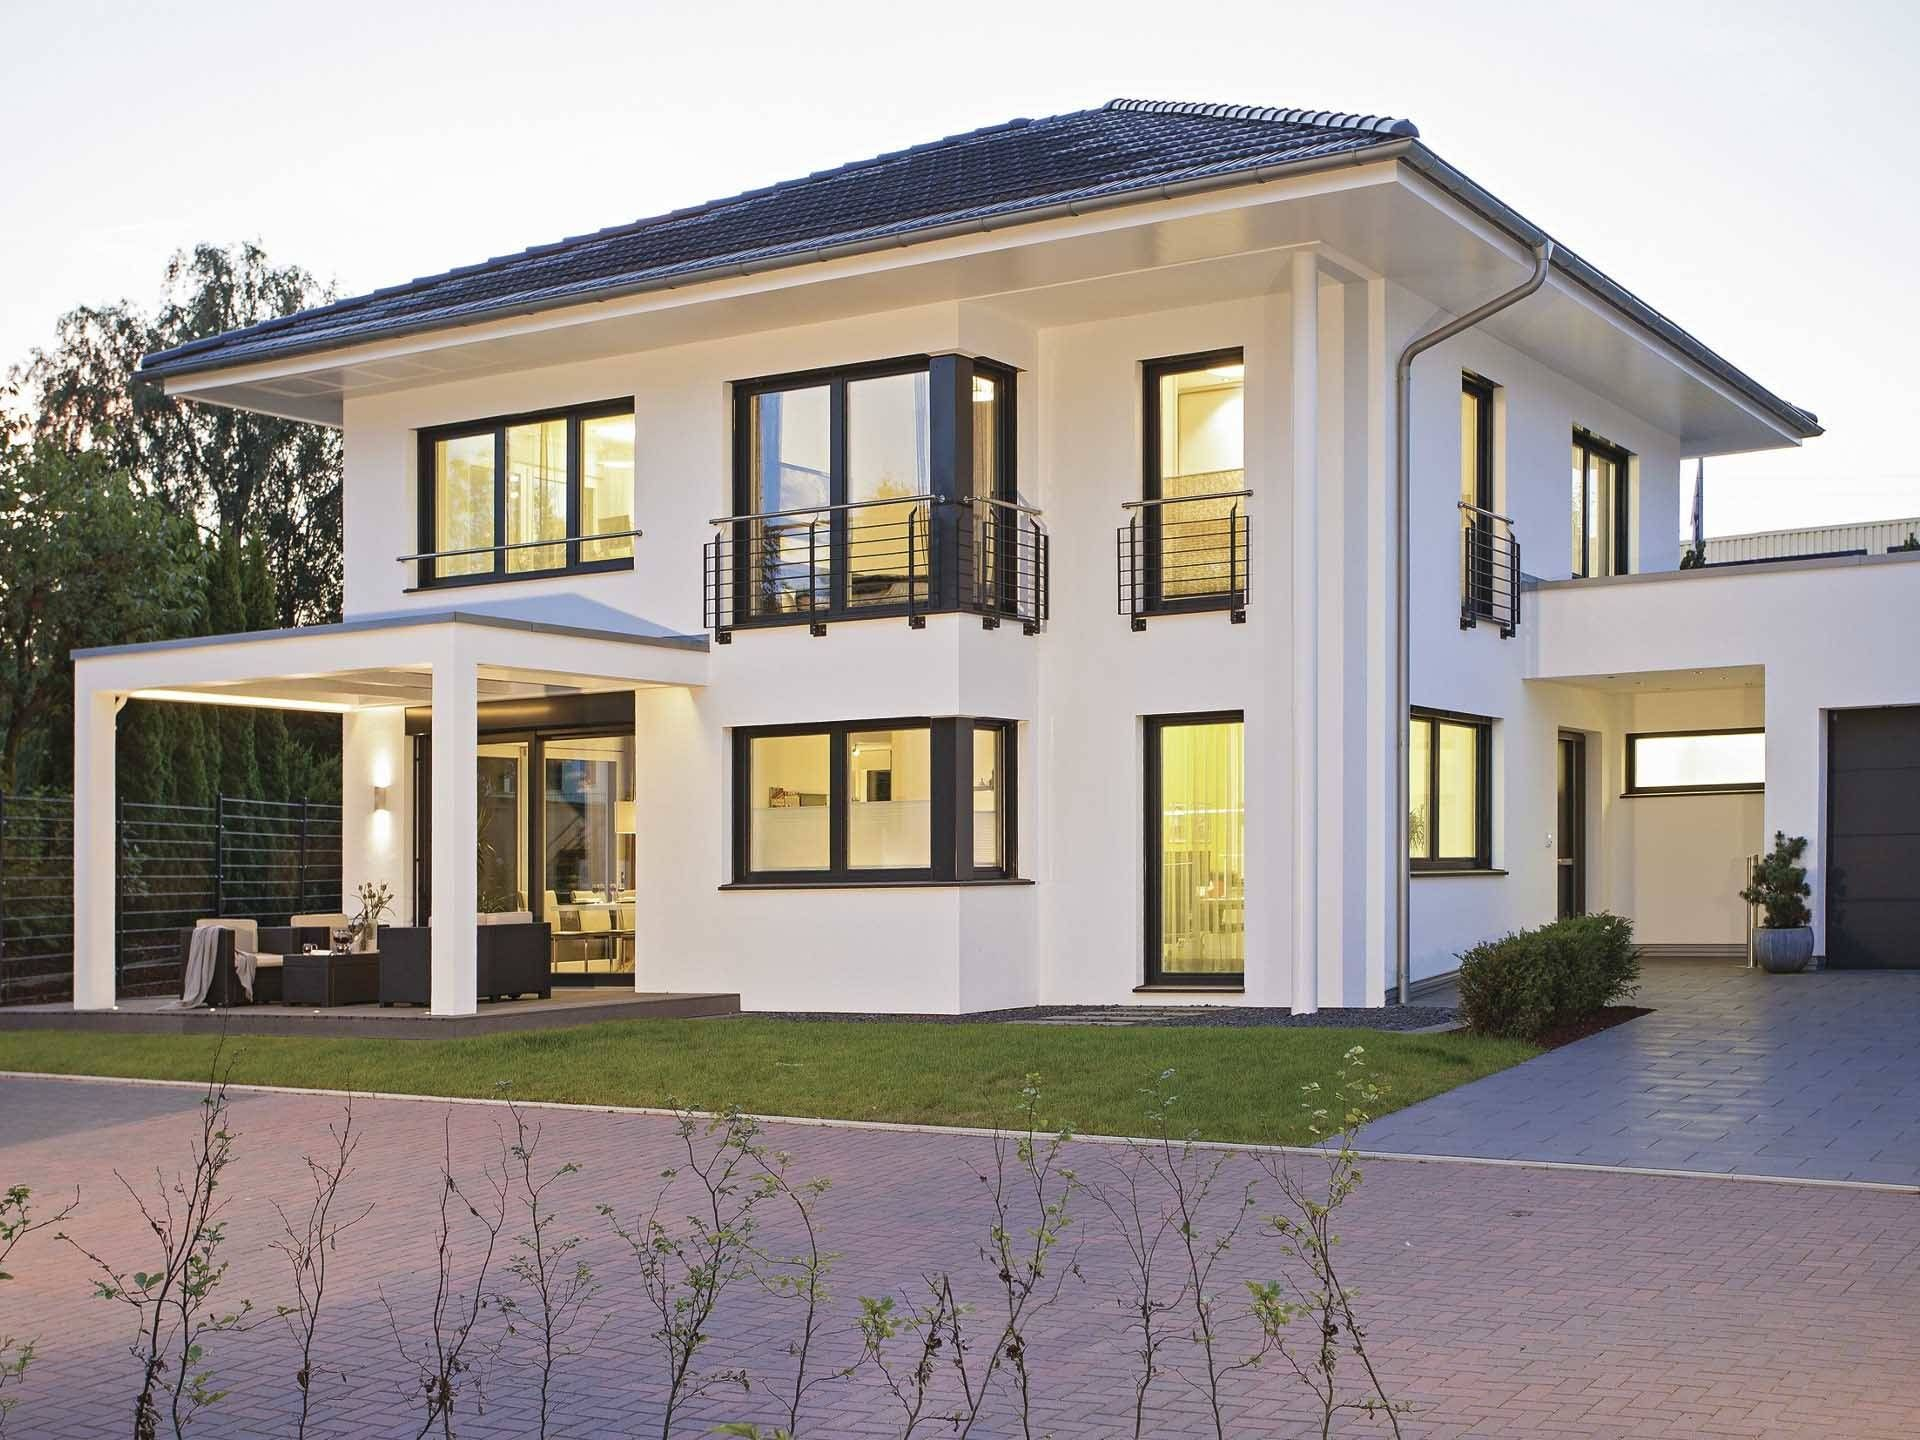 Wundervoll ... Walmdach, Hausbau, Beispiel, Schön, Modern, Interessant, Stil